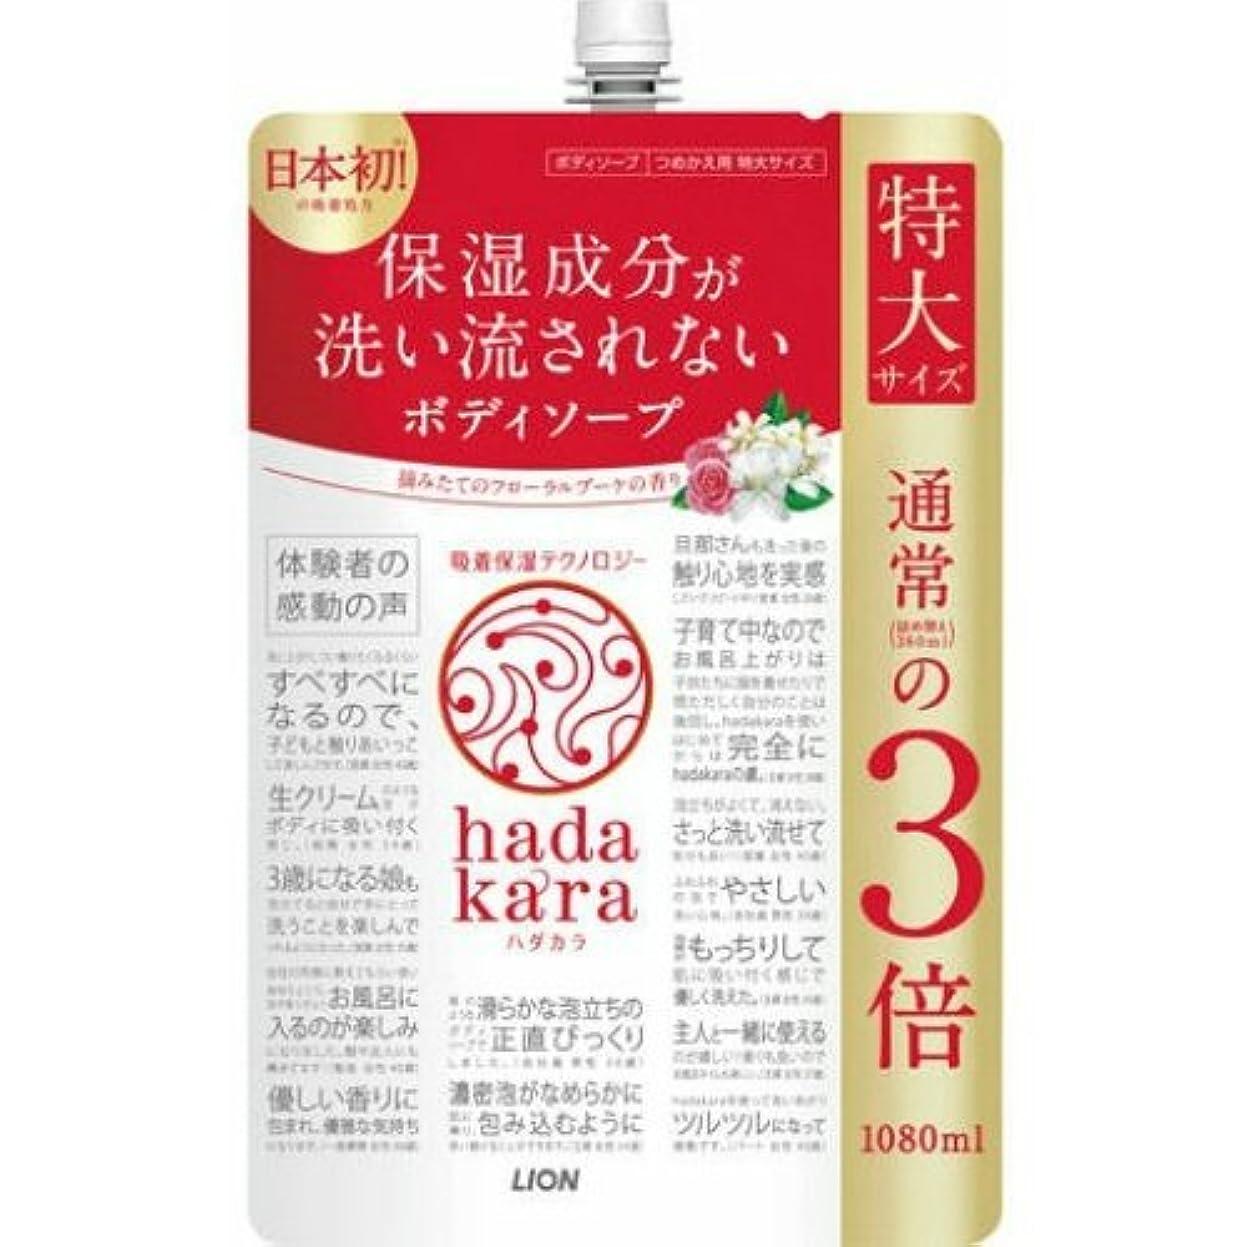 期限切れ可愛い粘着性LION ライオン hadakara ハダカラ ボディソープ フローラルブーケの香り つめかえ用 特大サイズ 1080ml ×3点セット(4903301260875)